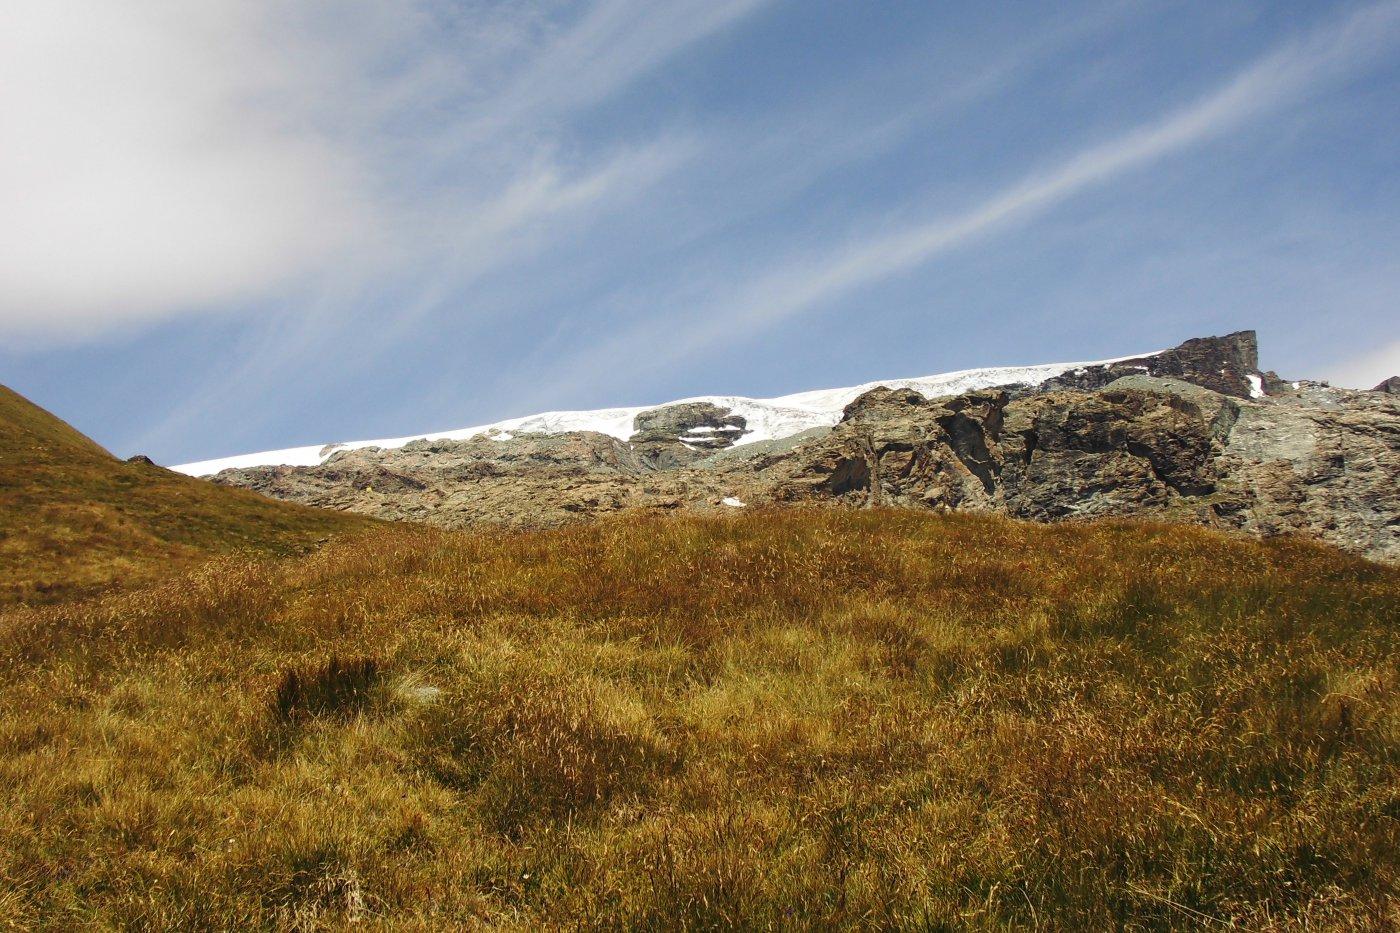 La gobba di Rollin. Al centro, leggermente a sinistra sulle rocce è visibile il bivacco.